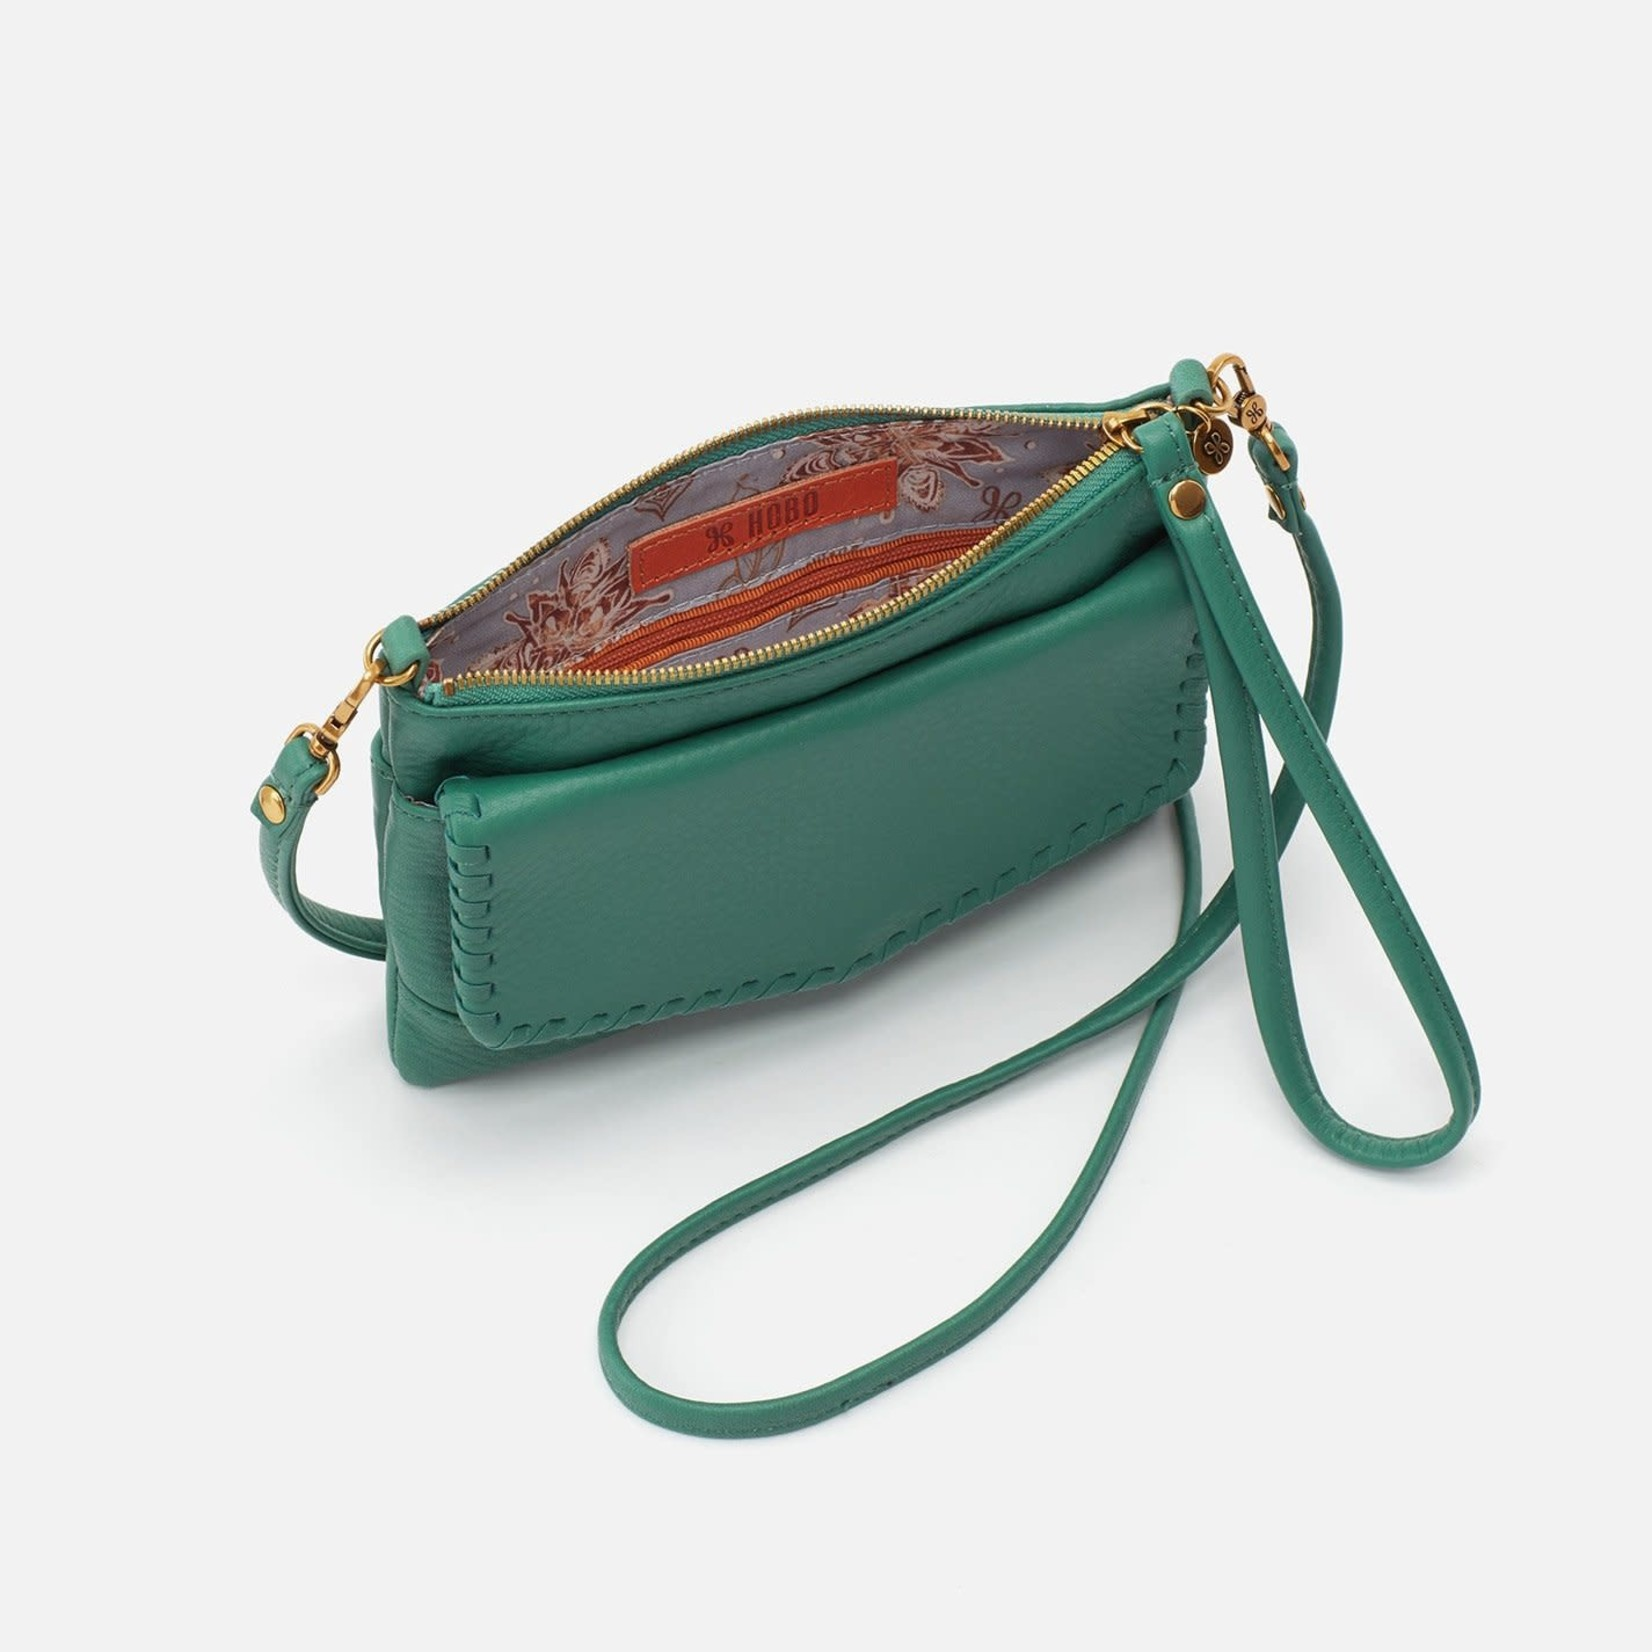 HOBO Stroll Garden Green Soft Hide Leather Crossbody/Wristlet